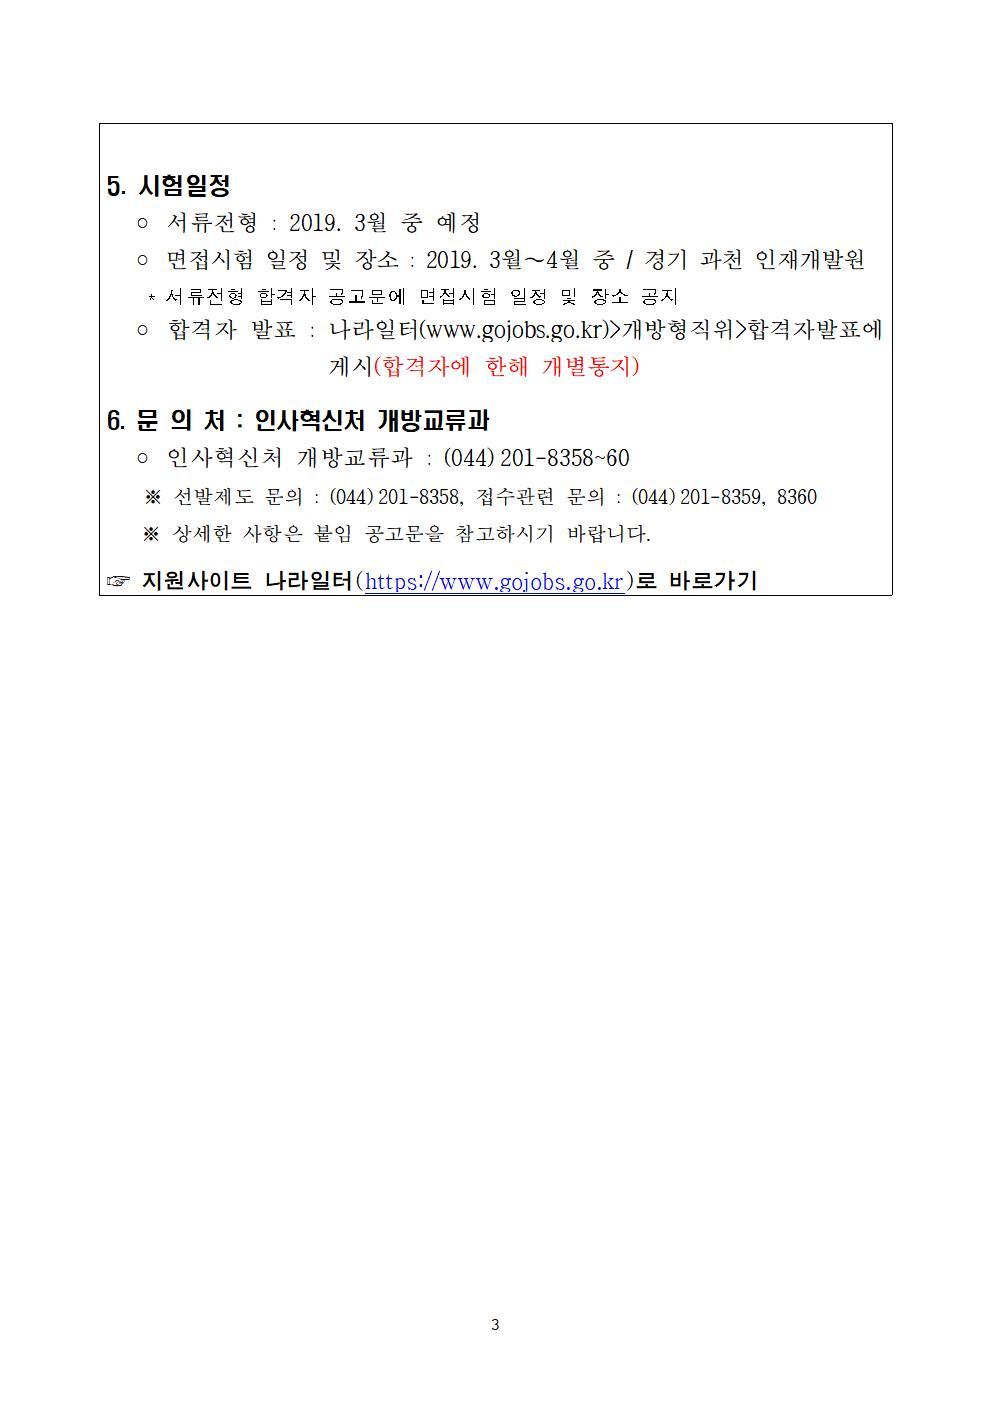 개방형 직위 공개모집 안내(2019년 2월 공고) (1)003.jpg